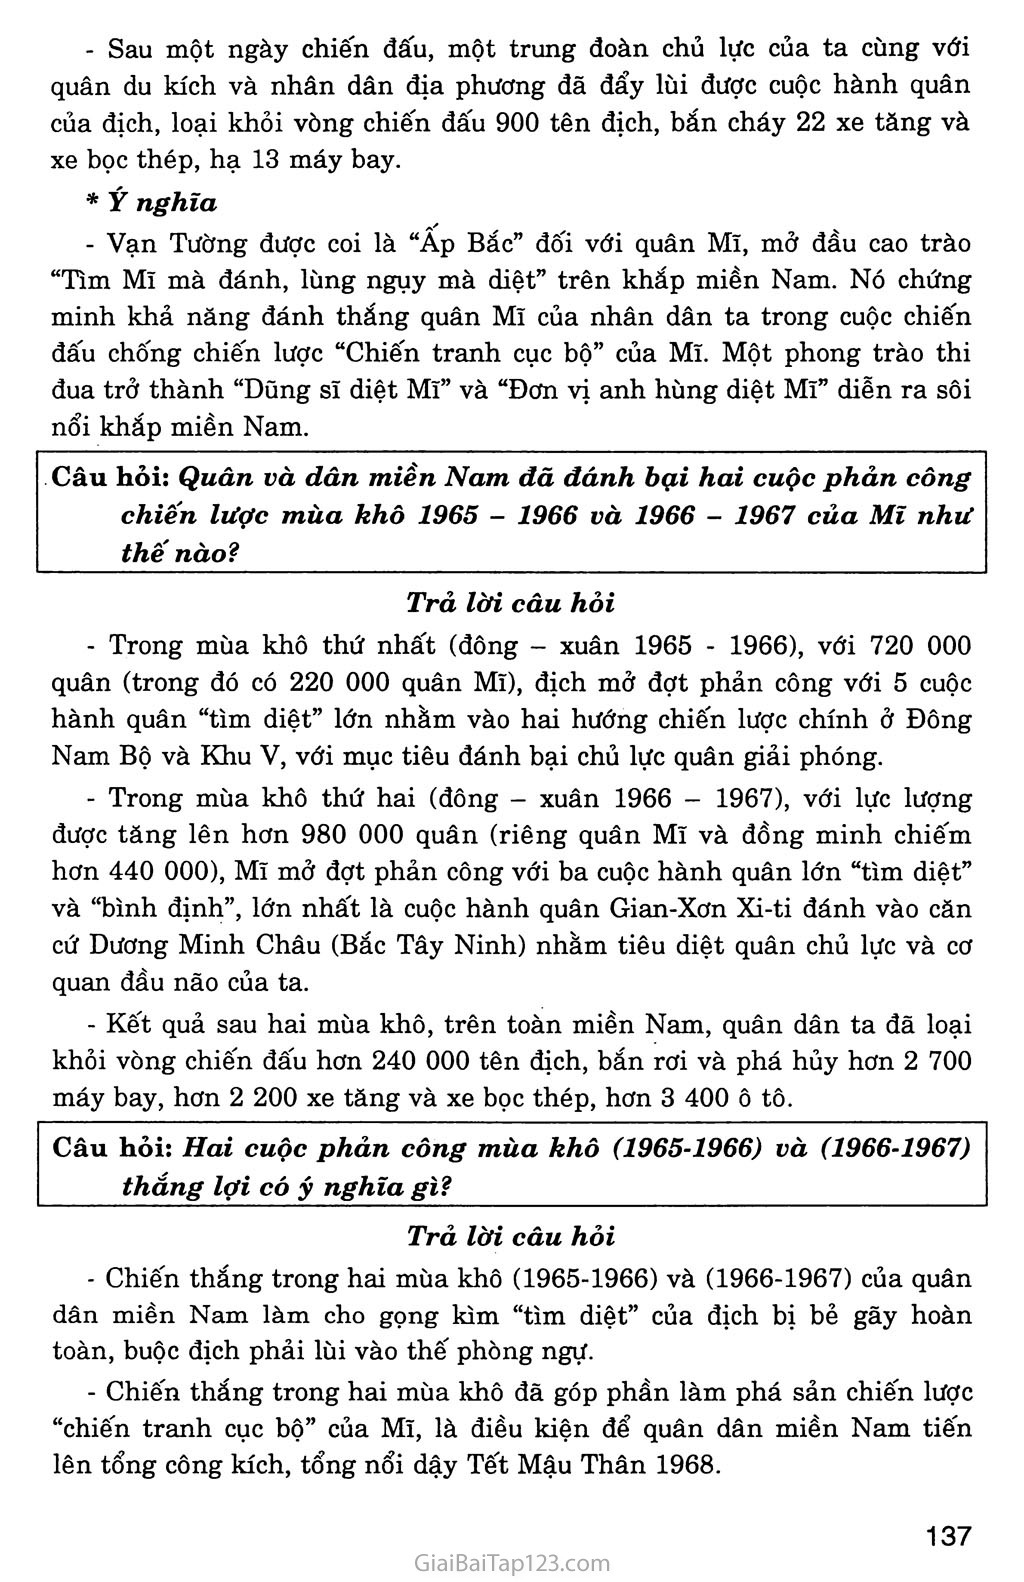 Bài 29: Cả nước trực tiếp chiến đấu chống Mĩ, cứu nước (1965 - 1973) trang 3